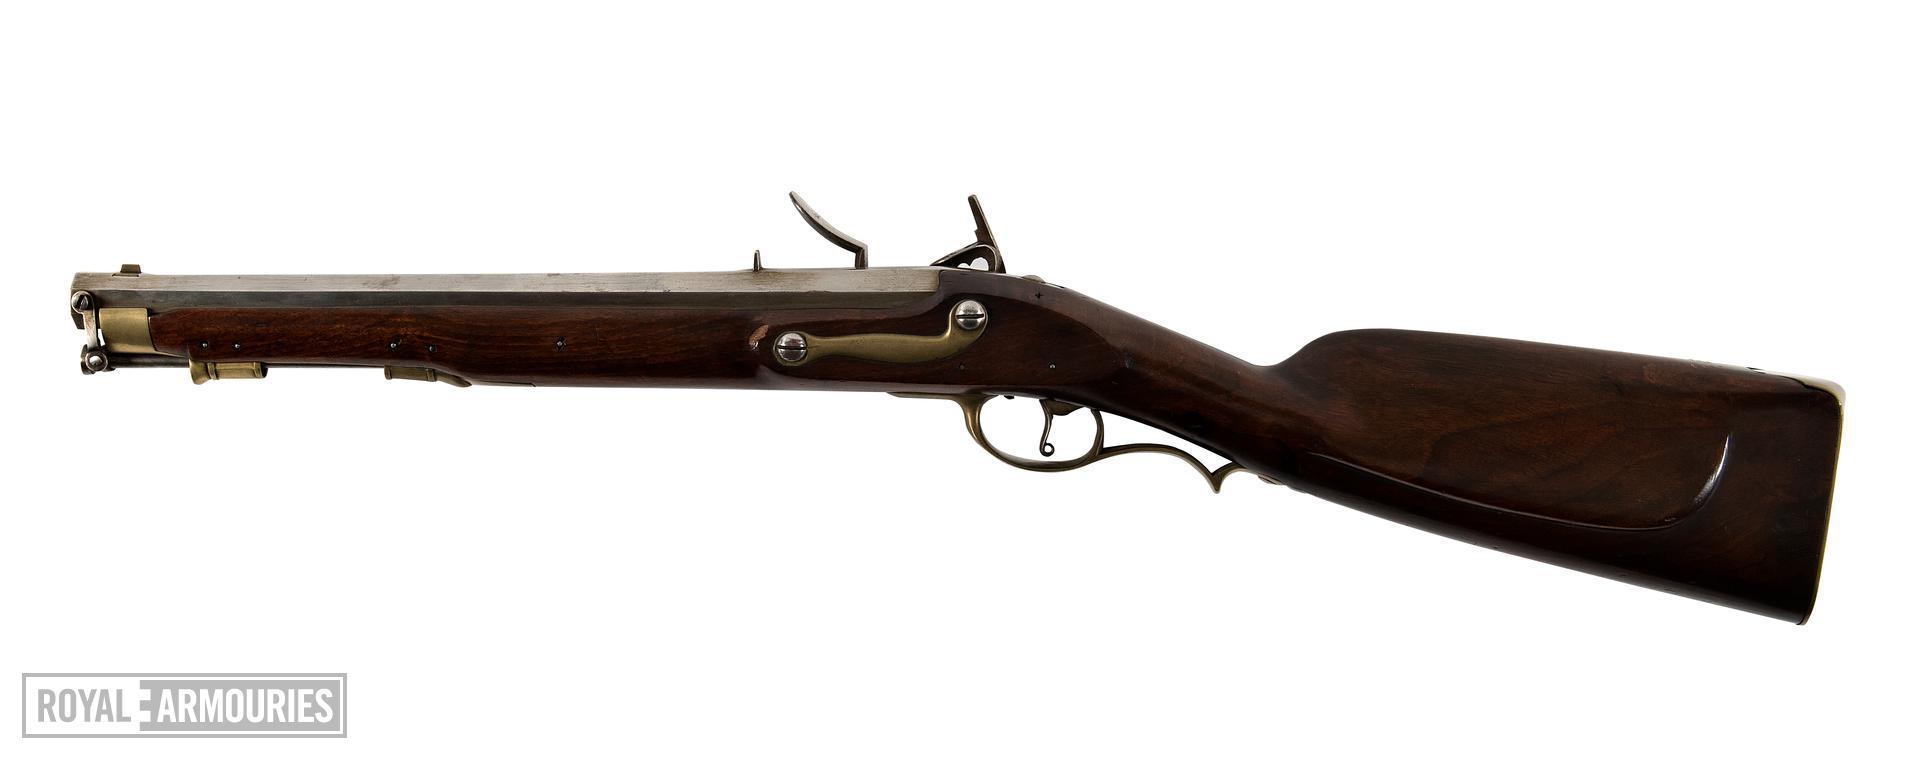 Flintlock muzzle-loading carbine - Carbine